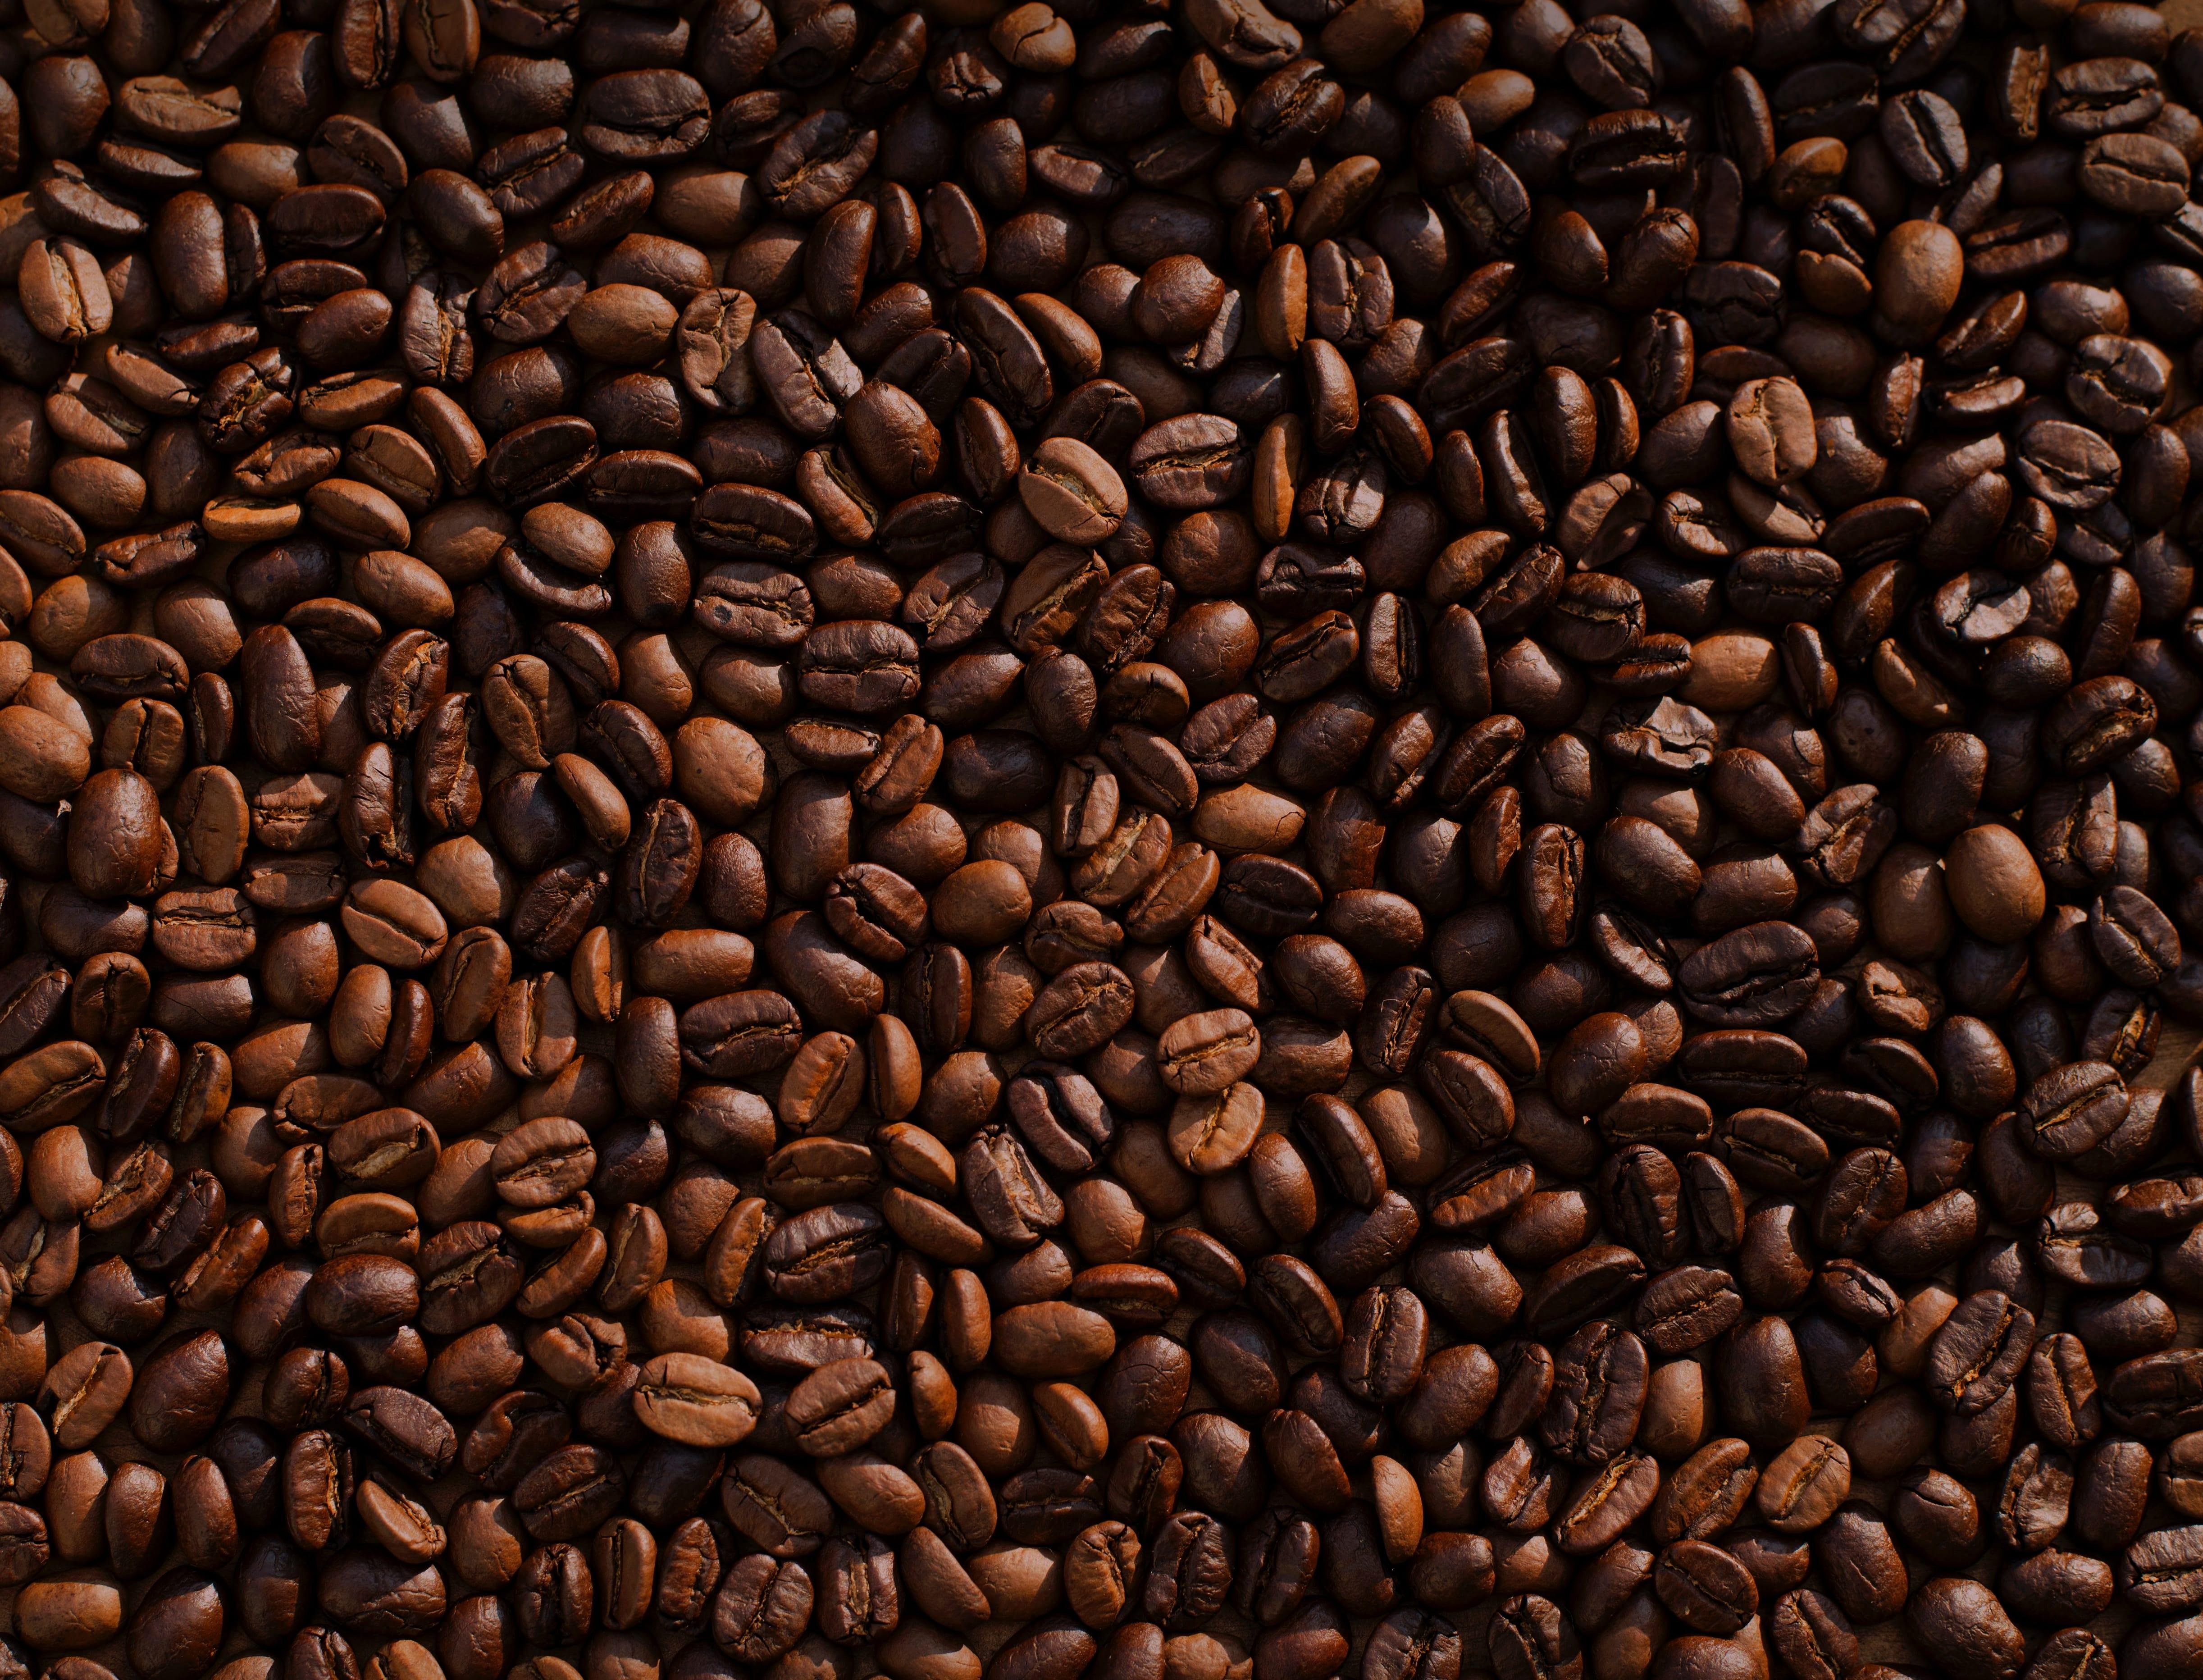 Hazelnut Crème Coffee Doesn't Contain Hazelnut, According to Lawsuit